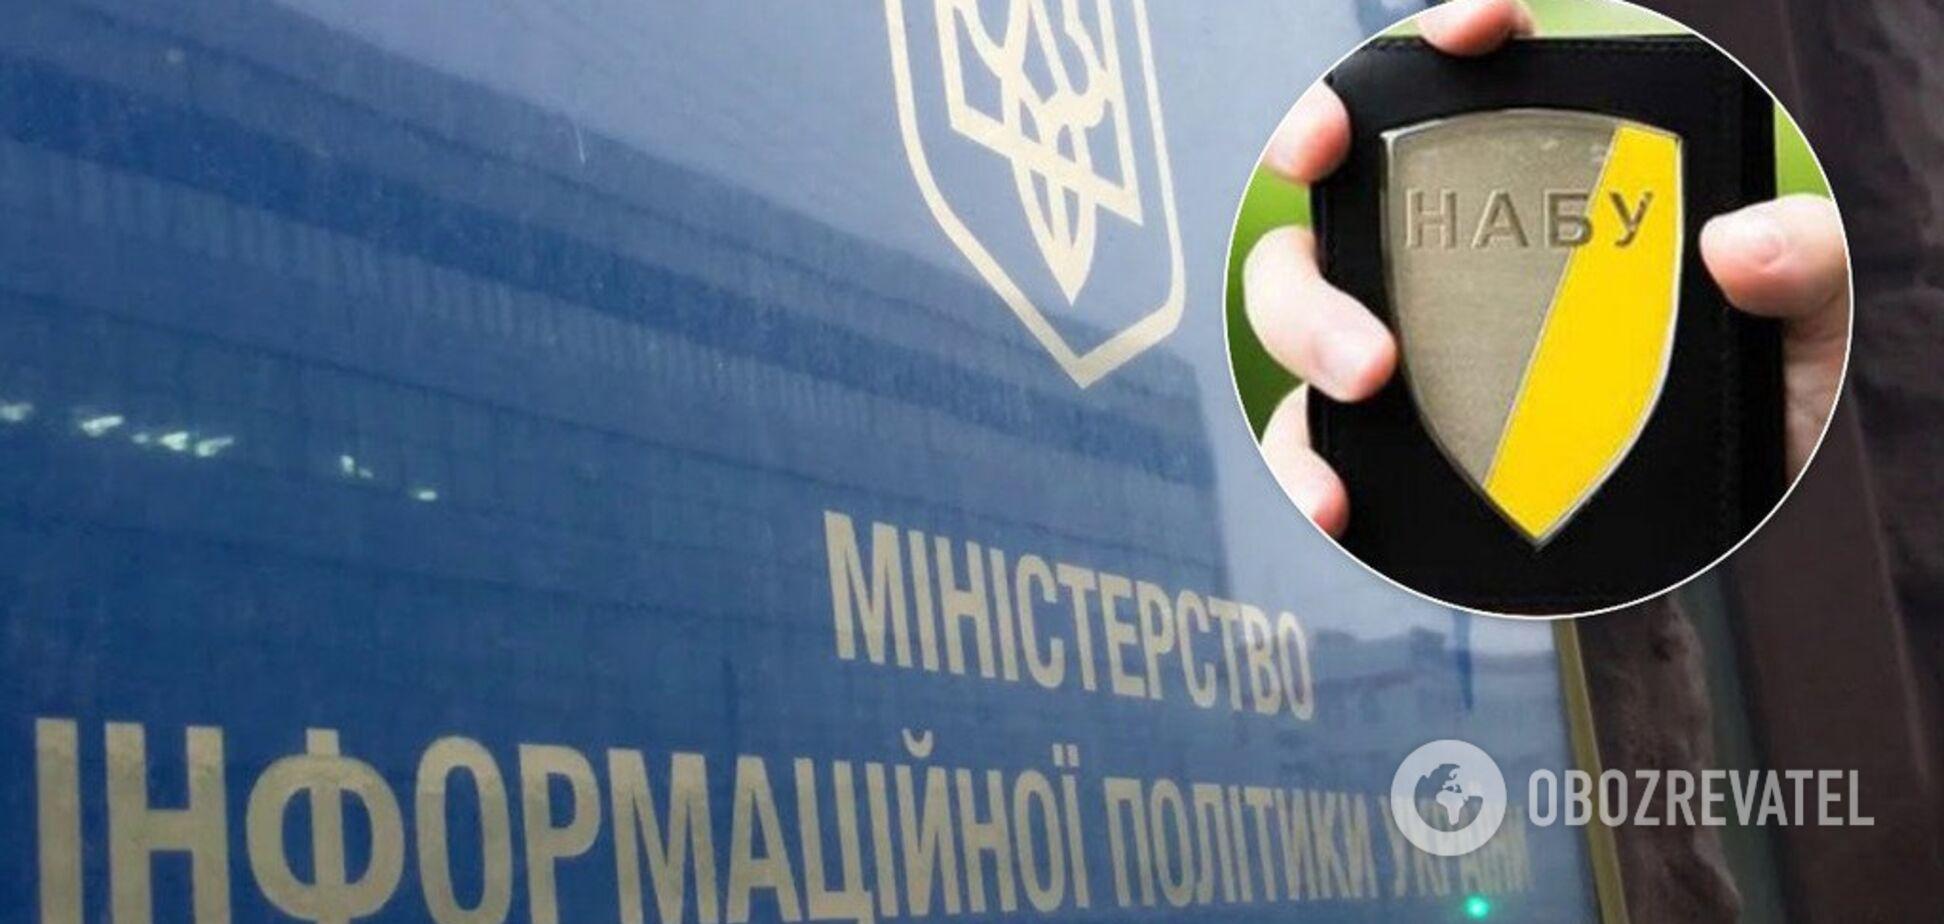 Збиток на 15 млн: НАБУ прийшло з обшуками до міністерства України